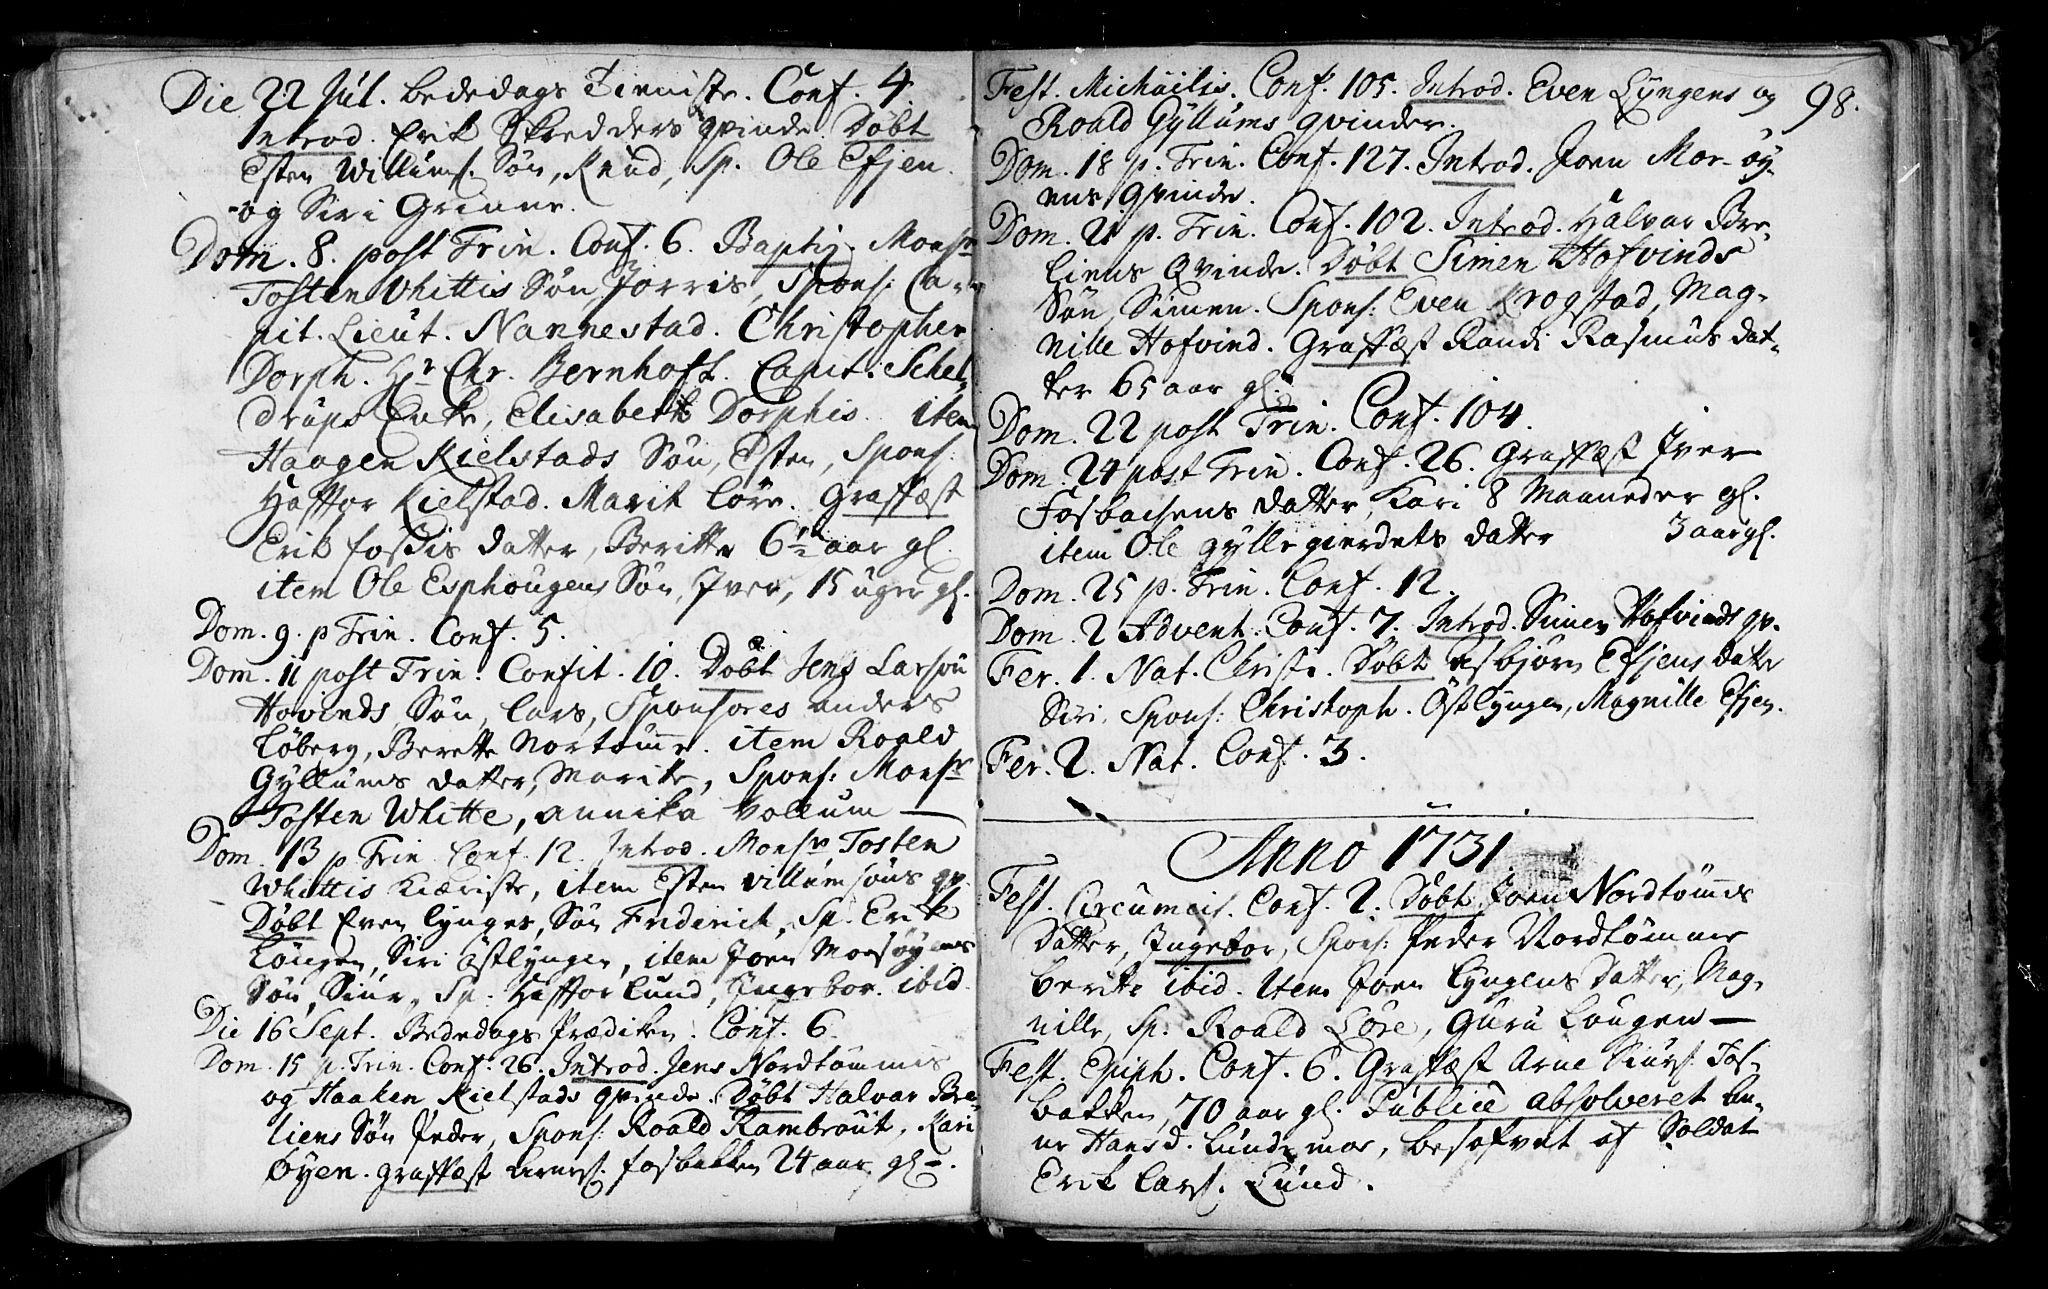 SAT, Ministerialprotokoller, klokkerbøker og fødselsregistre - Sør-Trøndelag, 692/L1101: Ministerialbok nr. 692A01, 1690-1746, s. 98